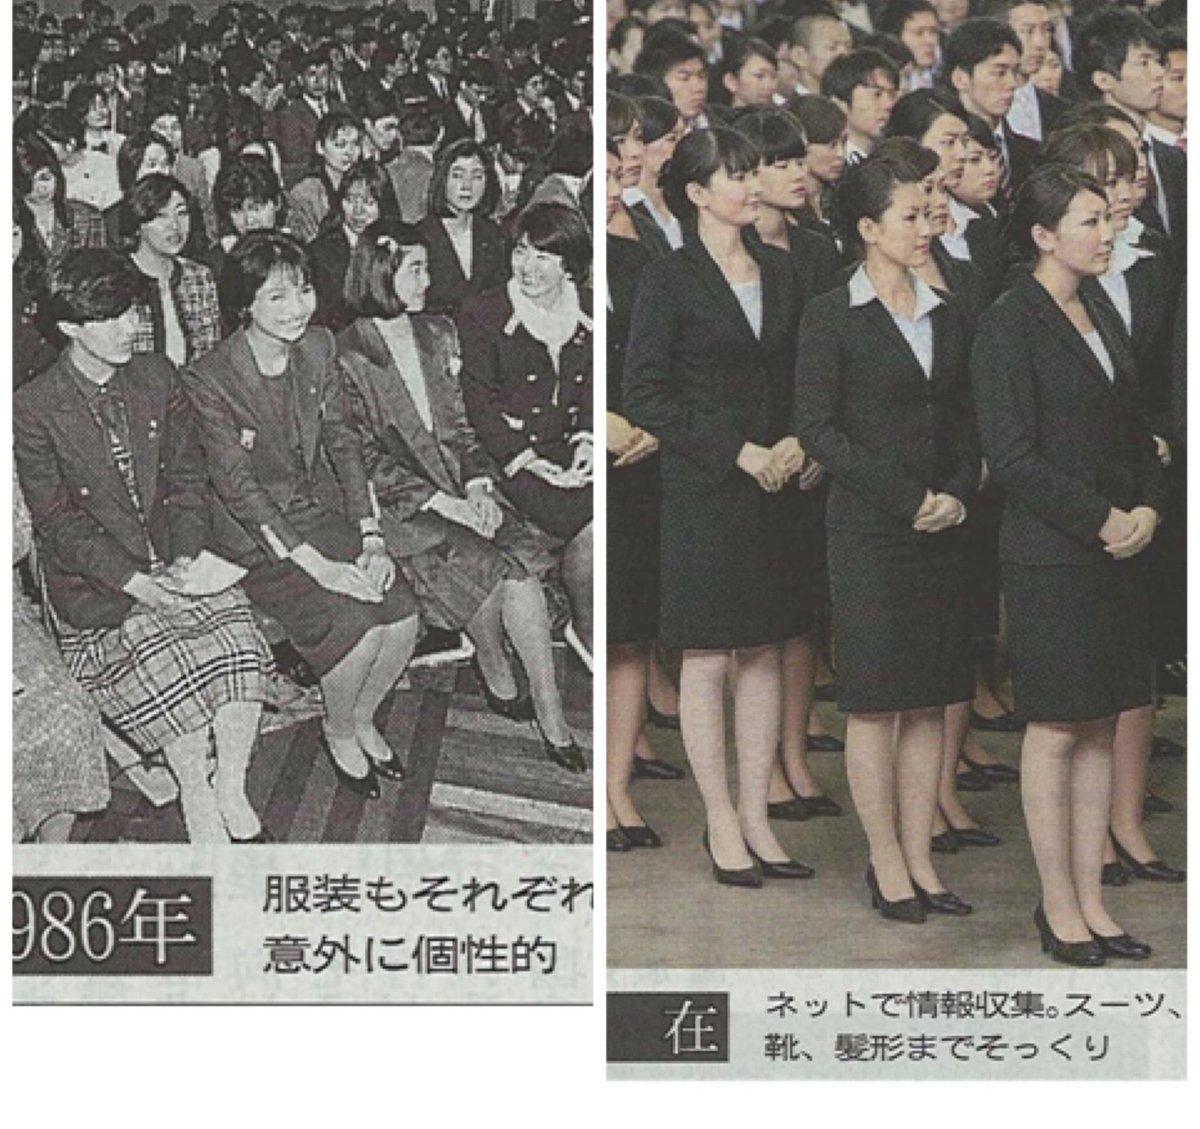 昔の方が個性的だった?1986年と2011年の入社式を比較した結果!